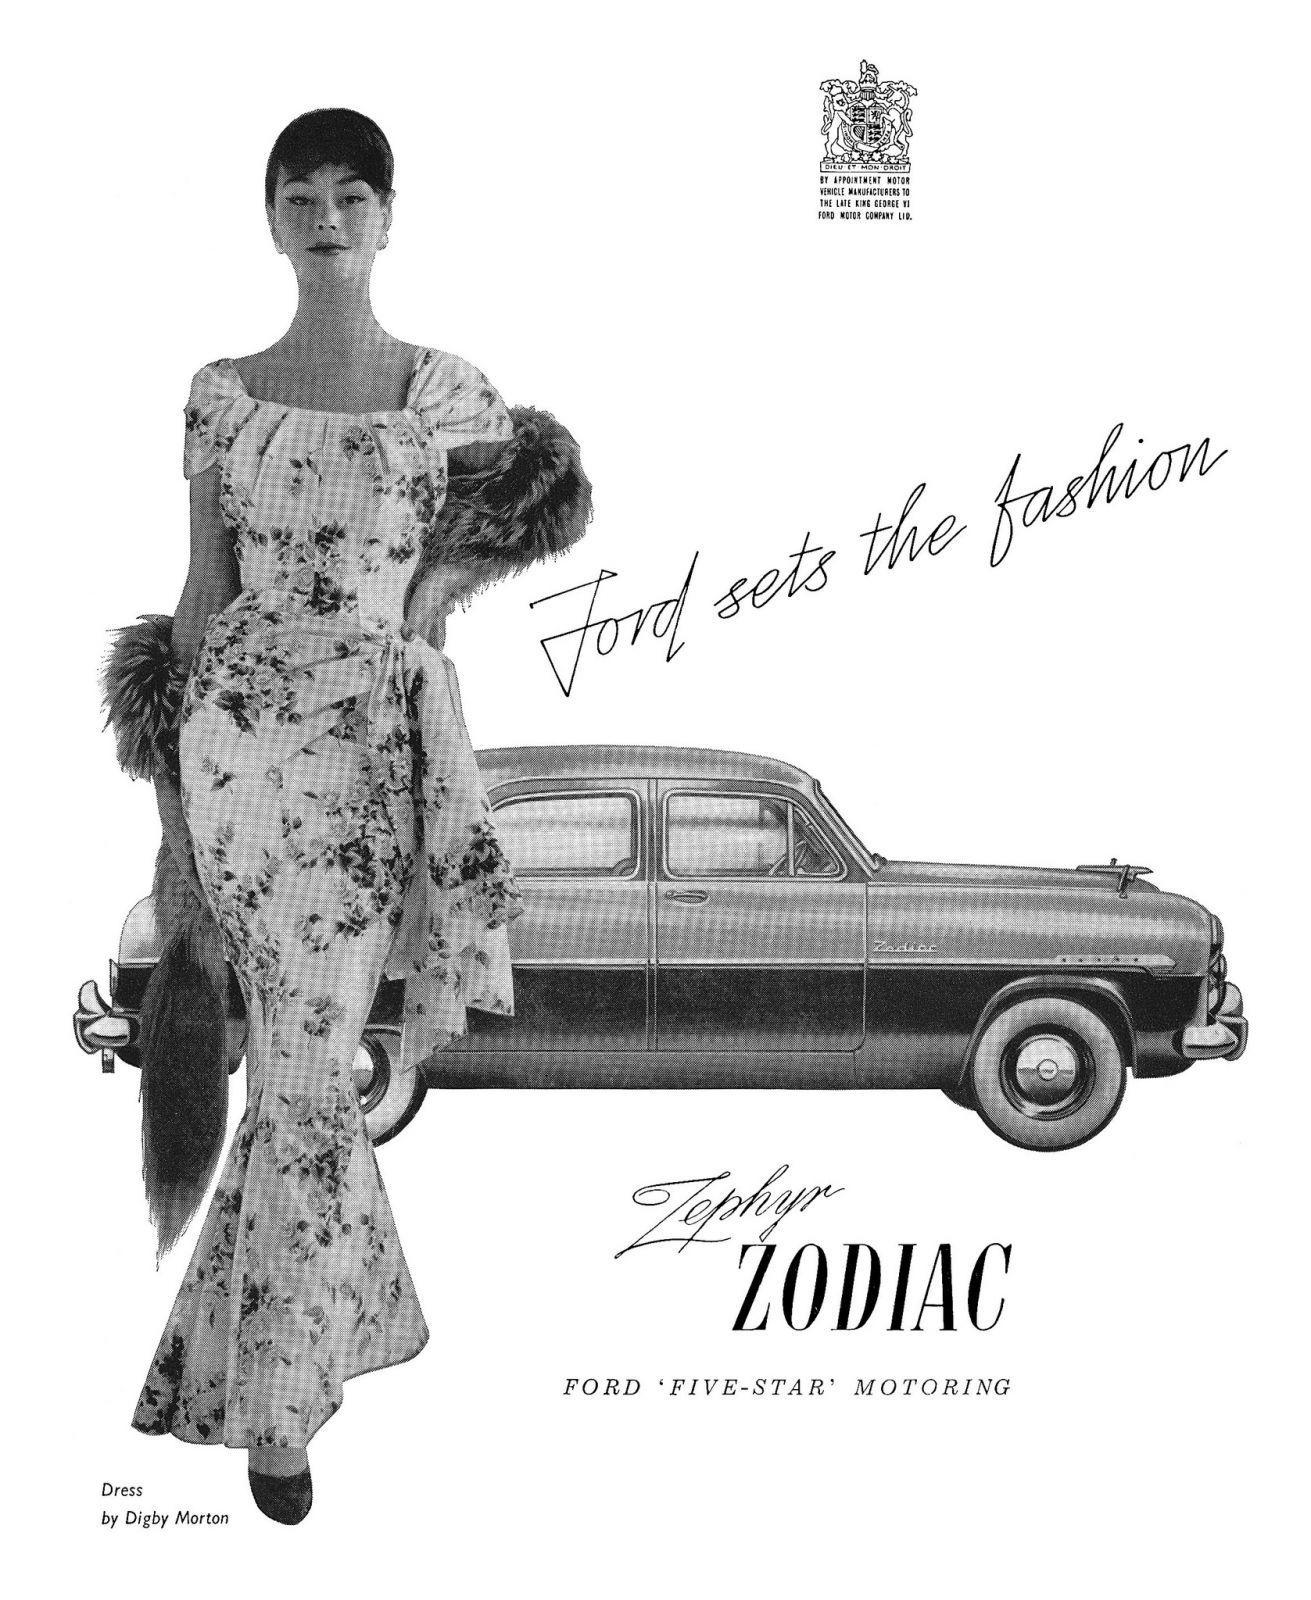 1955 Ford Zodiac ad